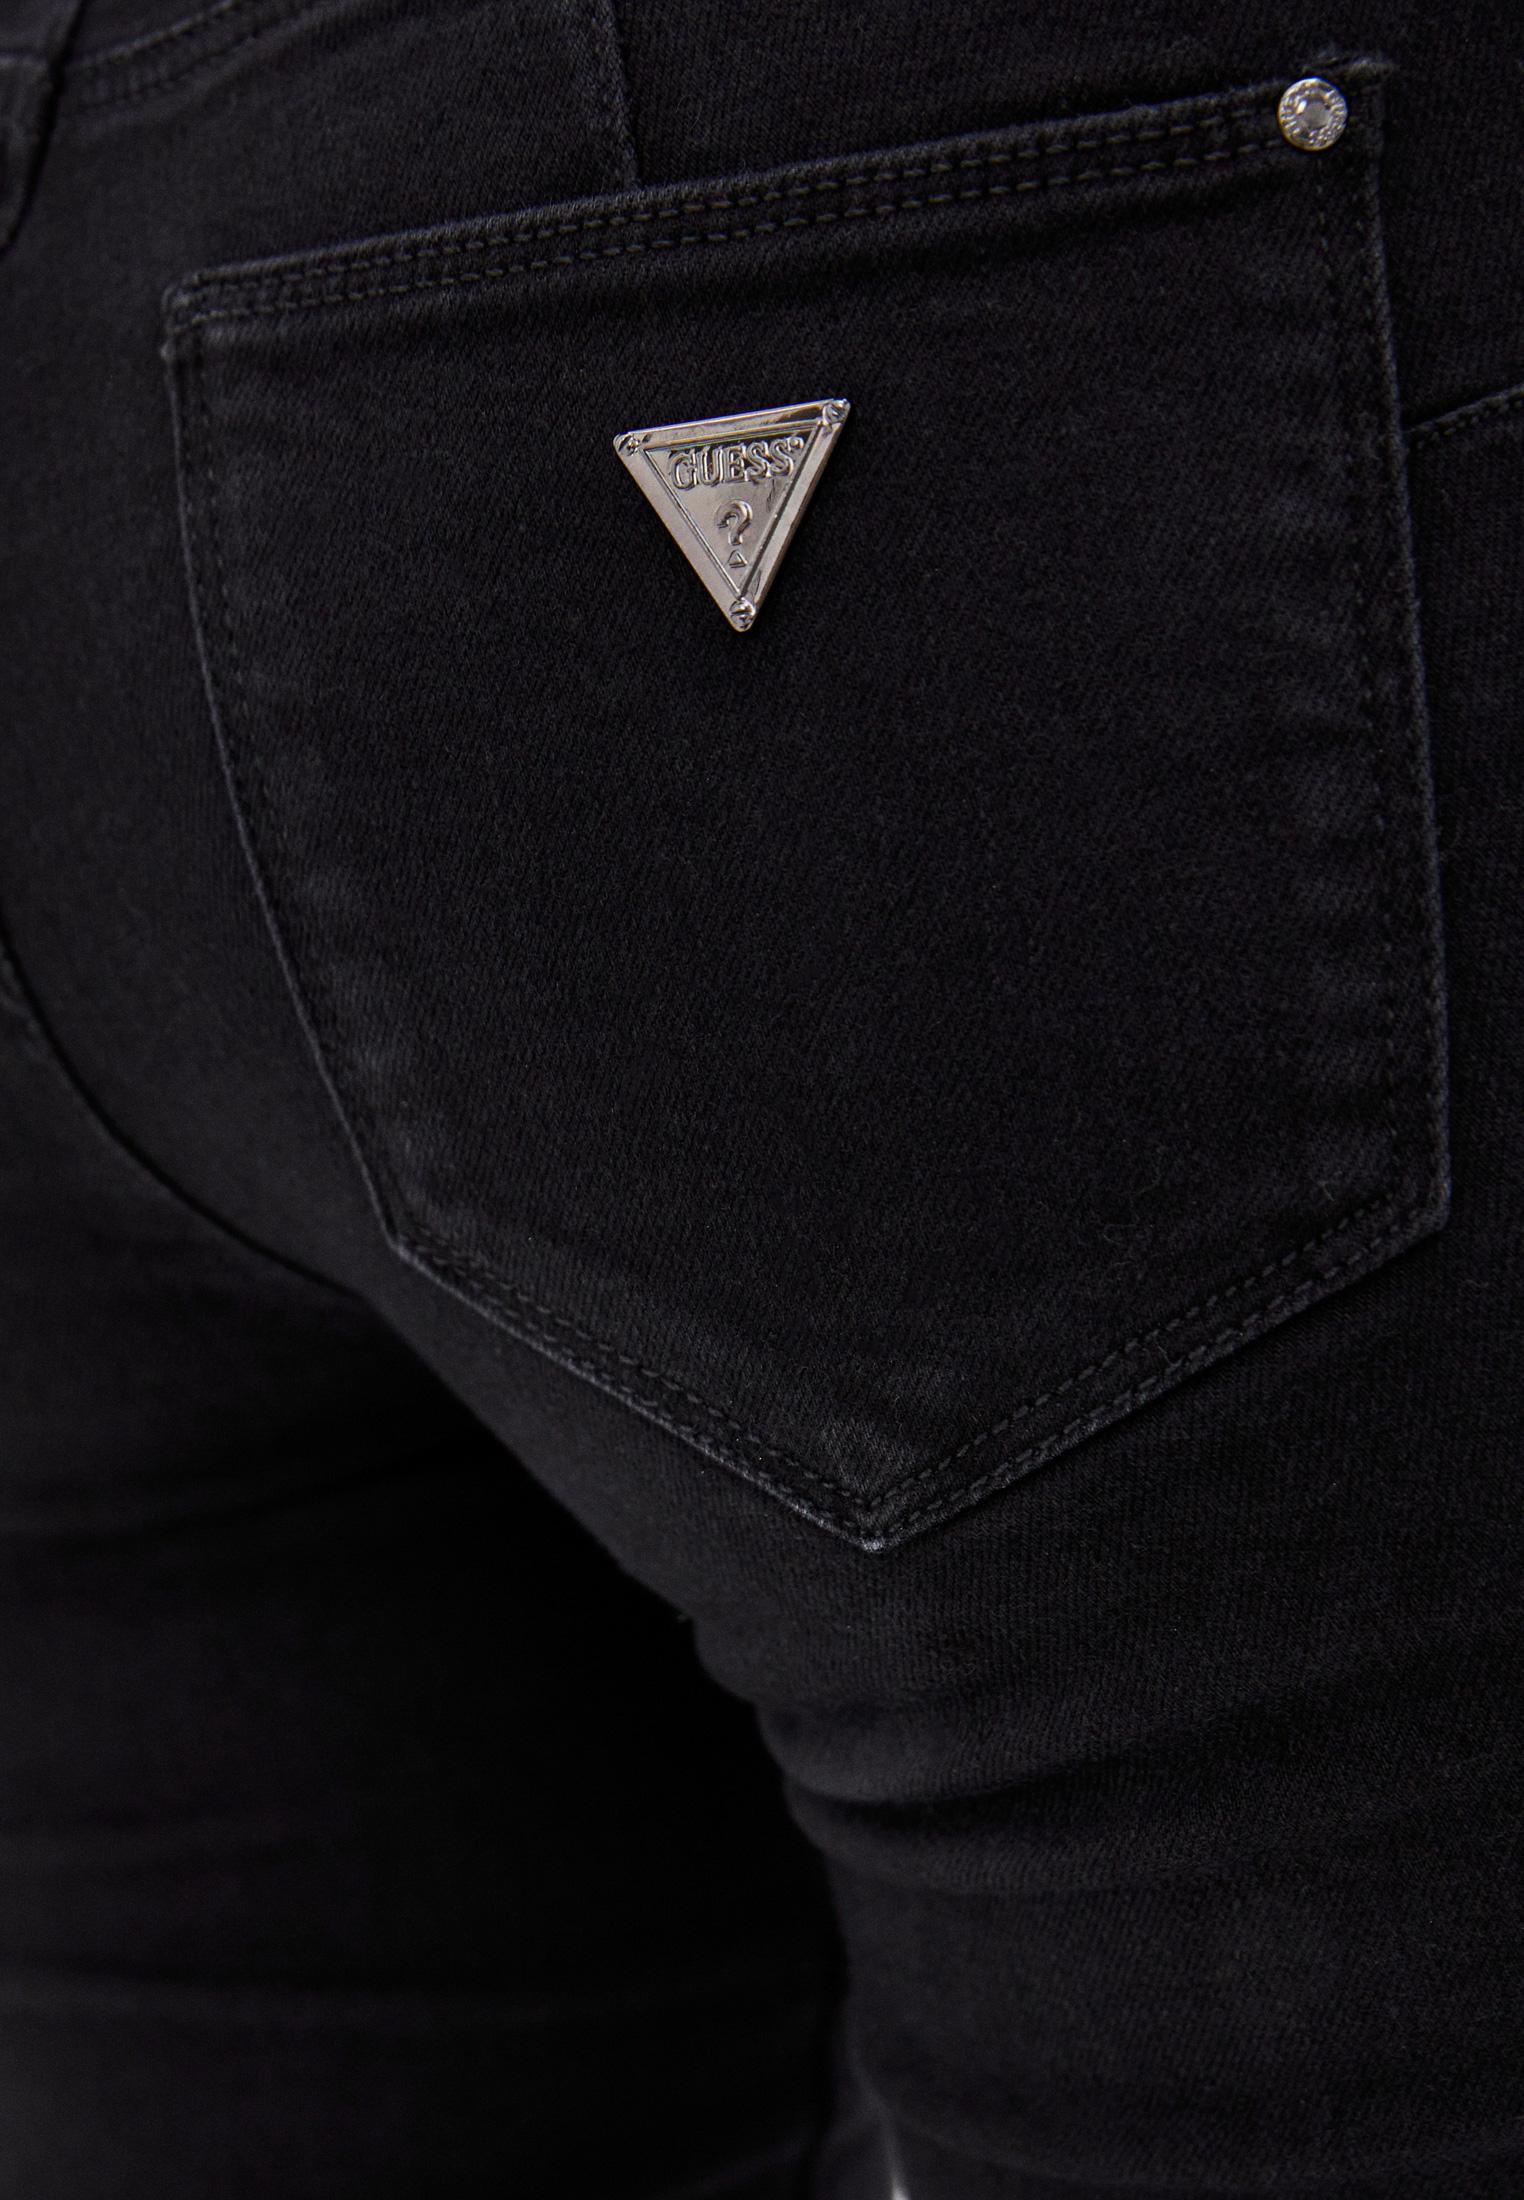 Зауженные джинсы Guess Jeans W1RAJ2 D4B22: изображение 4